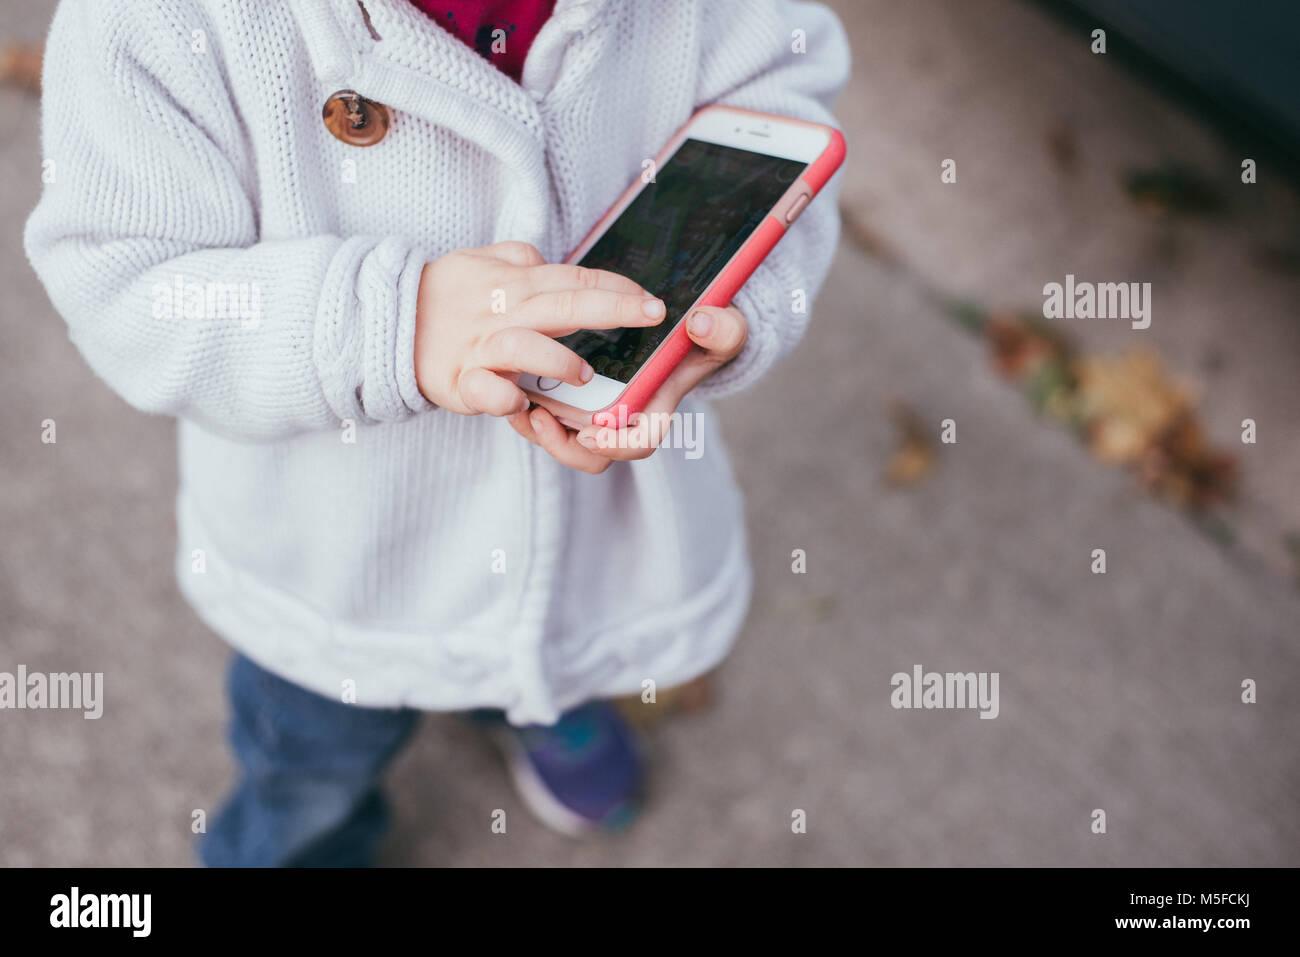 Un niño niña juega en un smartphone. Imagen De Stock